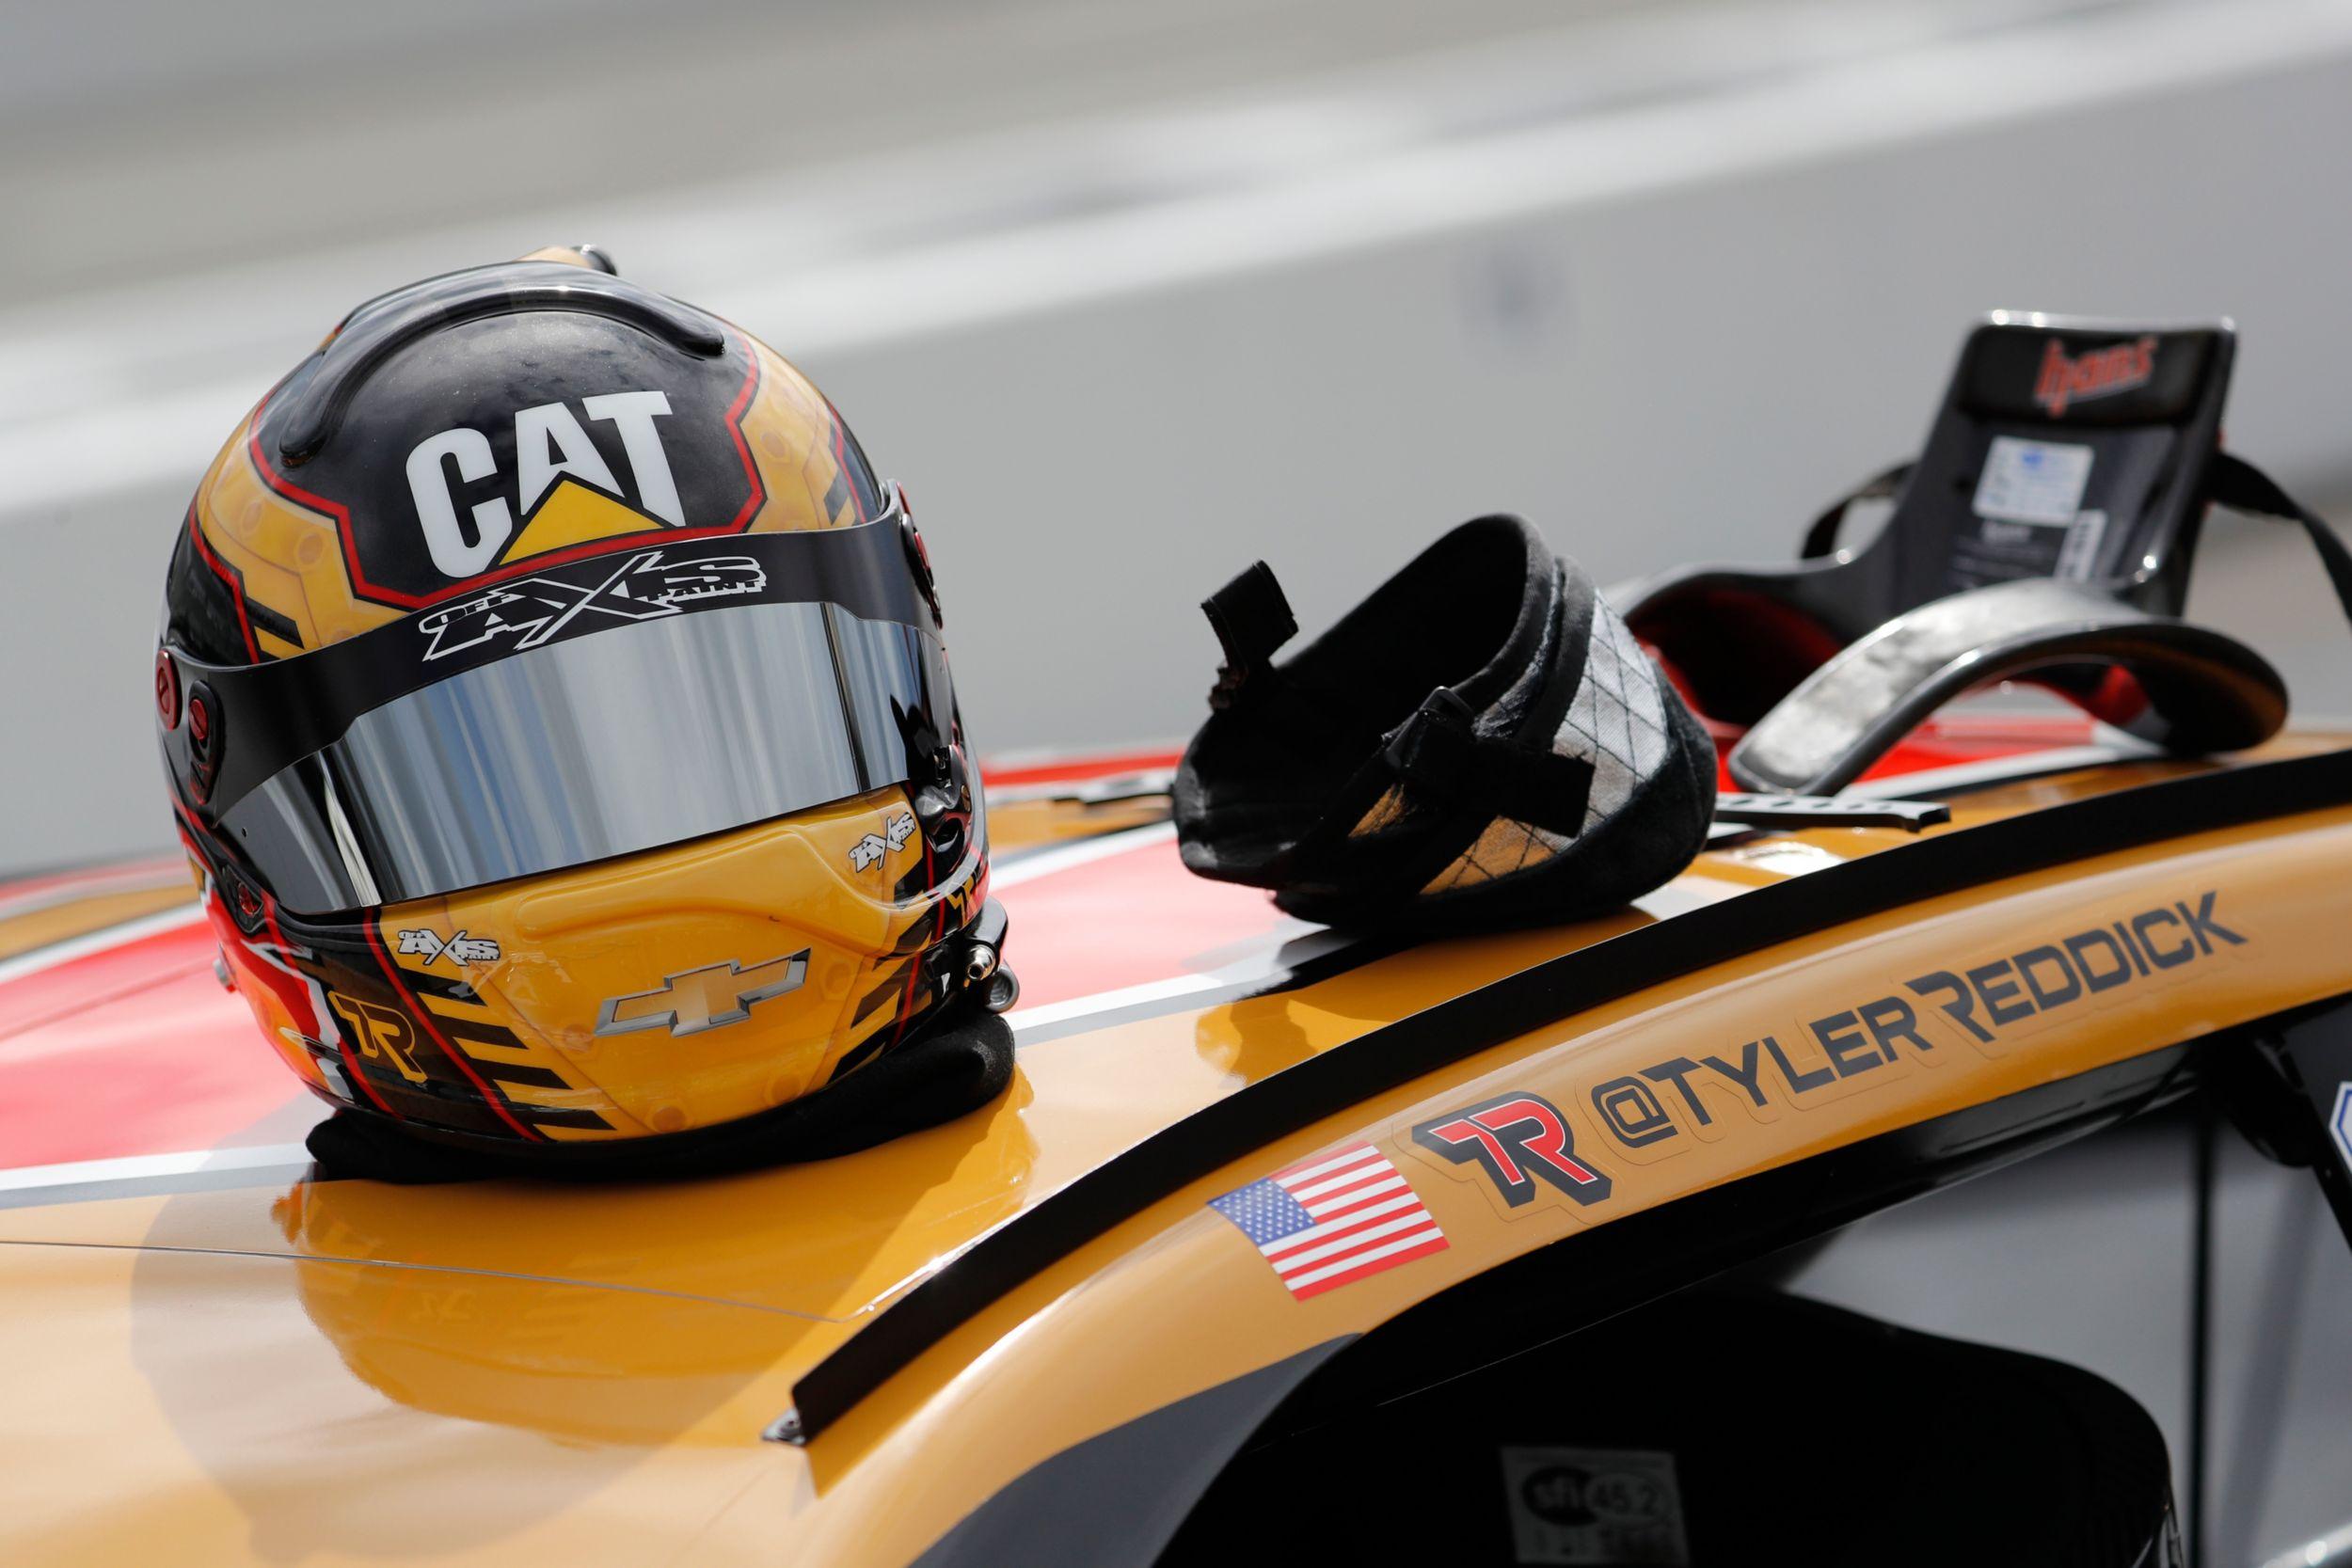 Cat Racing Gear